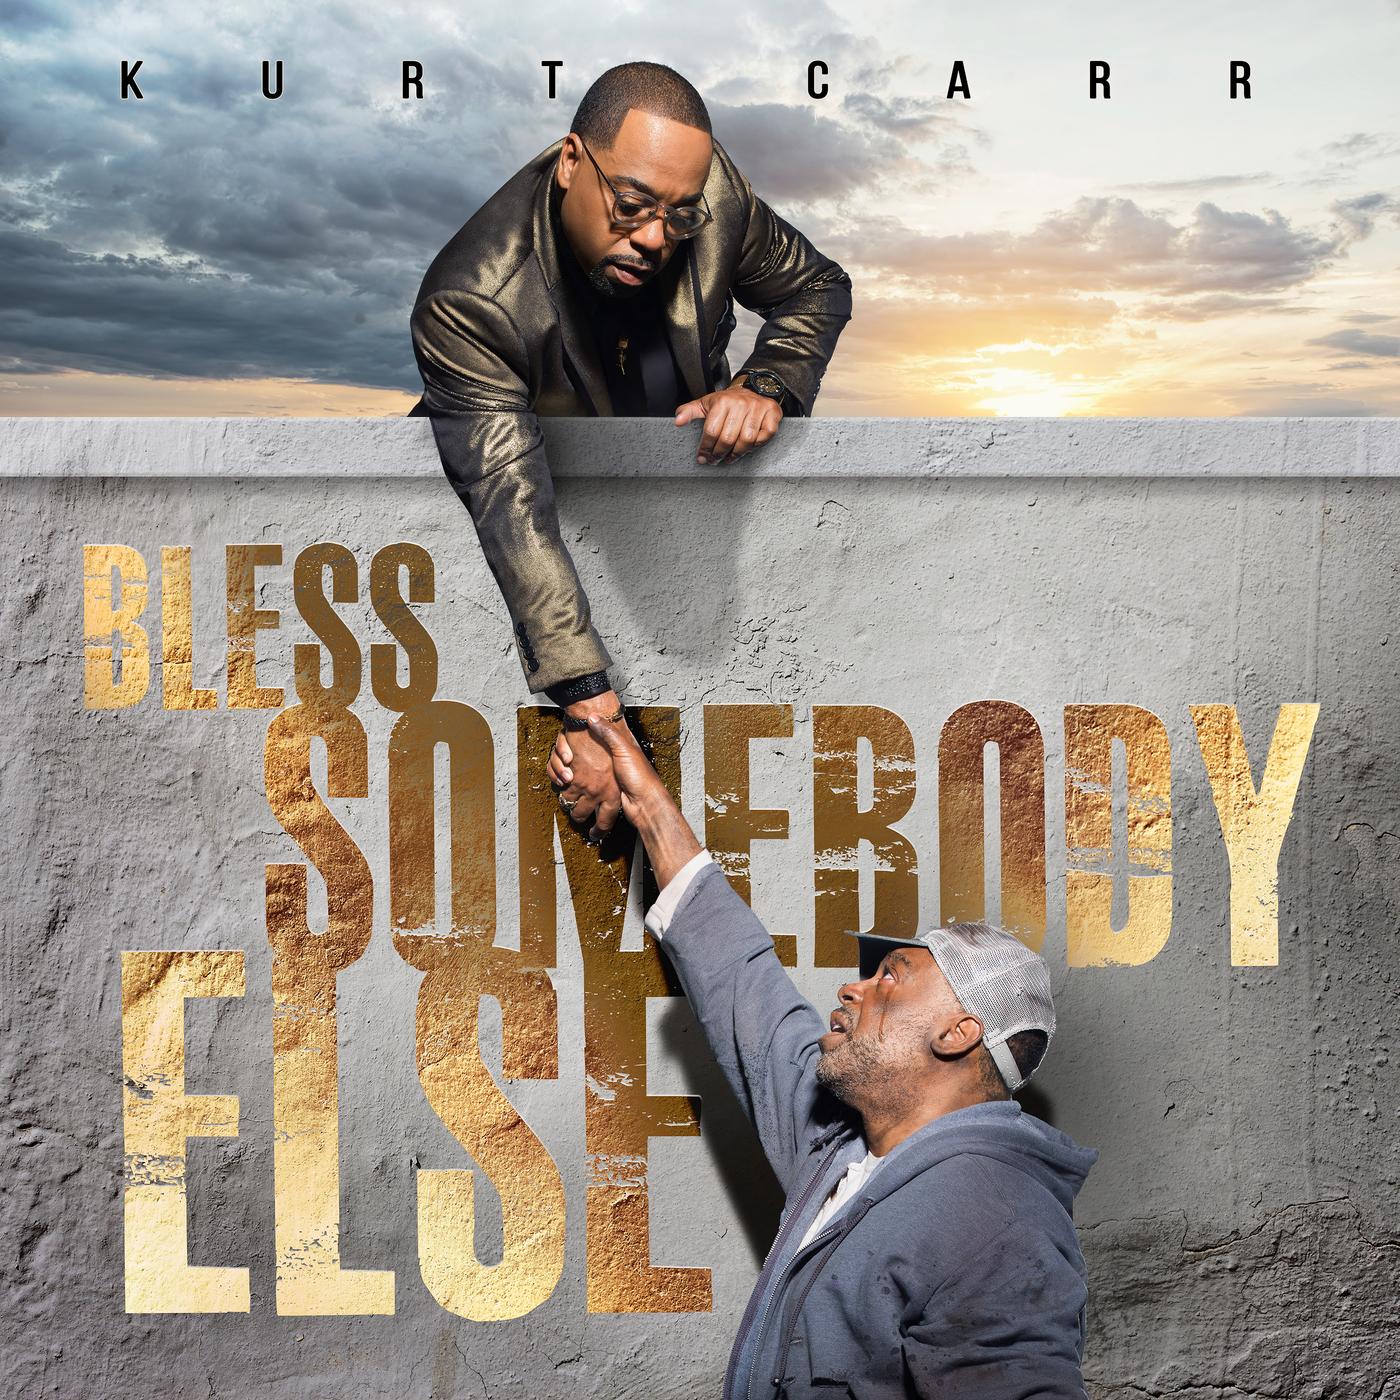 Bless Somebody Else - Kurt Carr